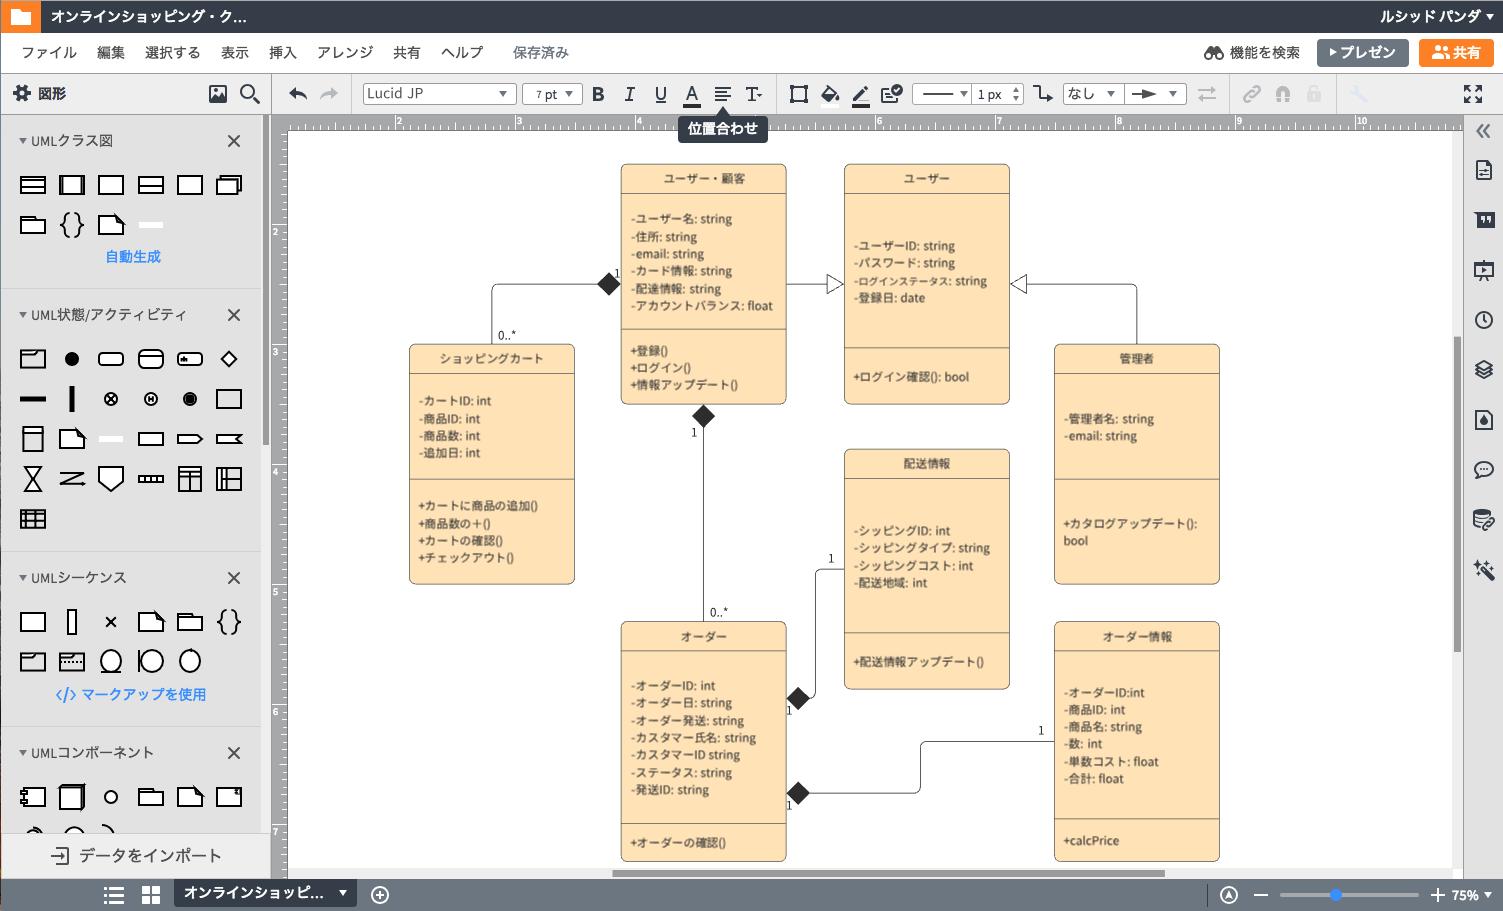 開発者のためのUML作成ツール